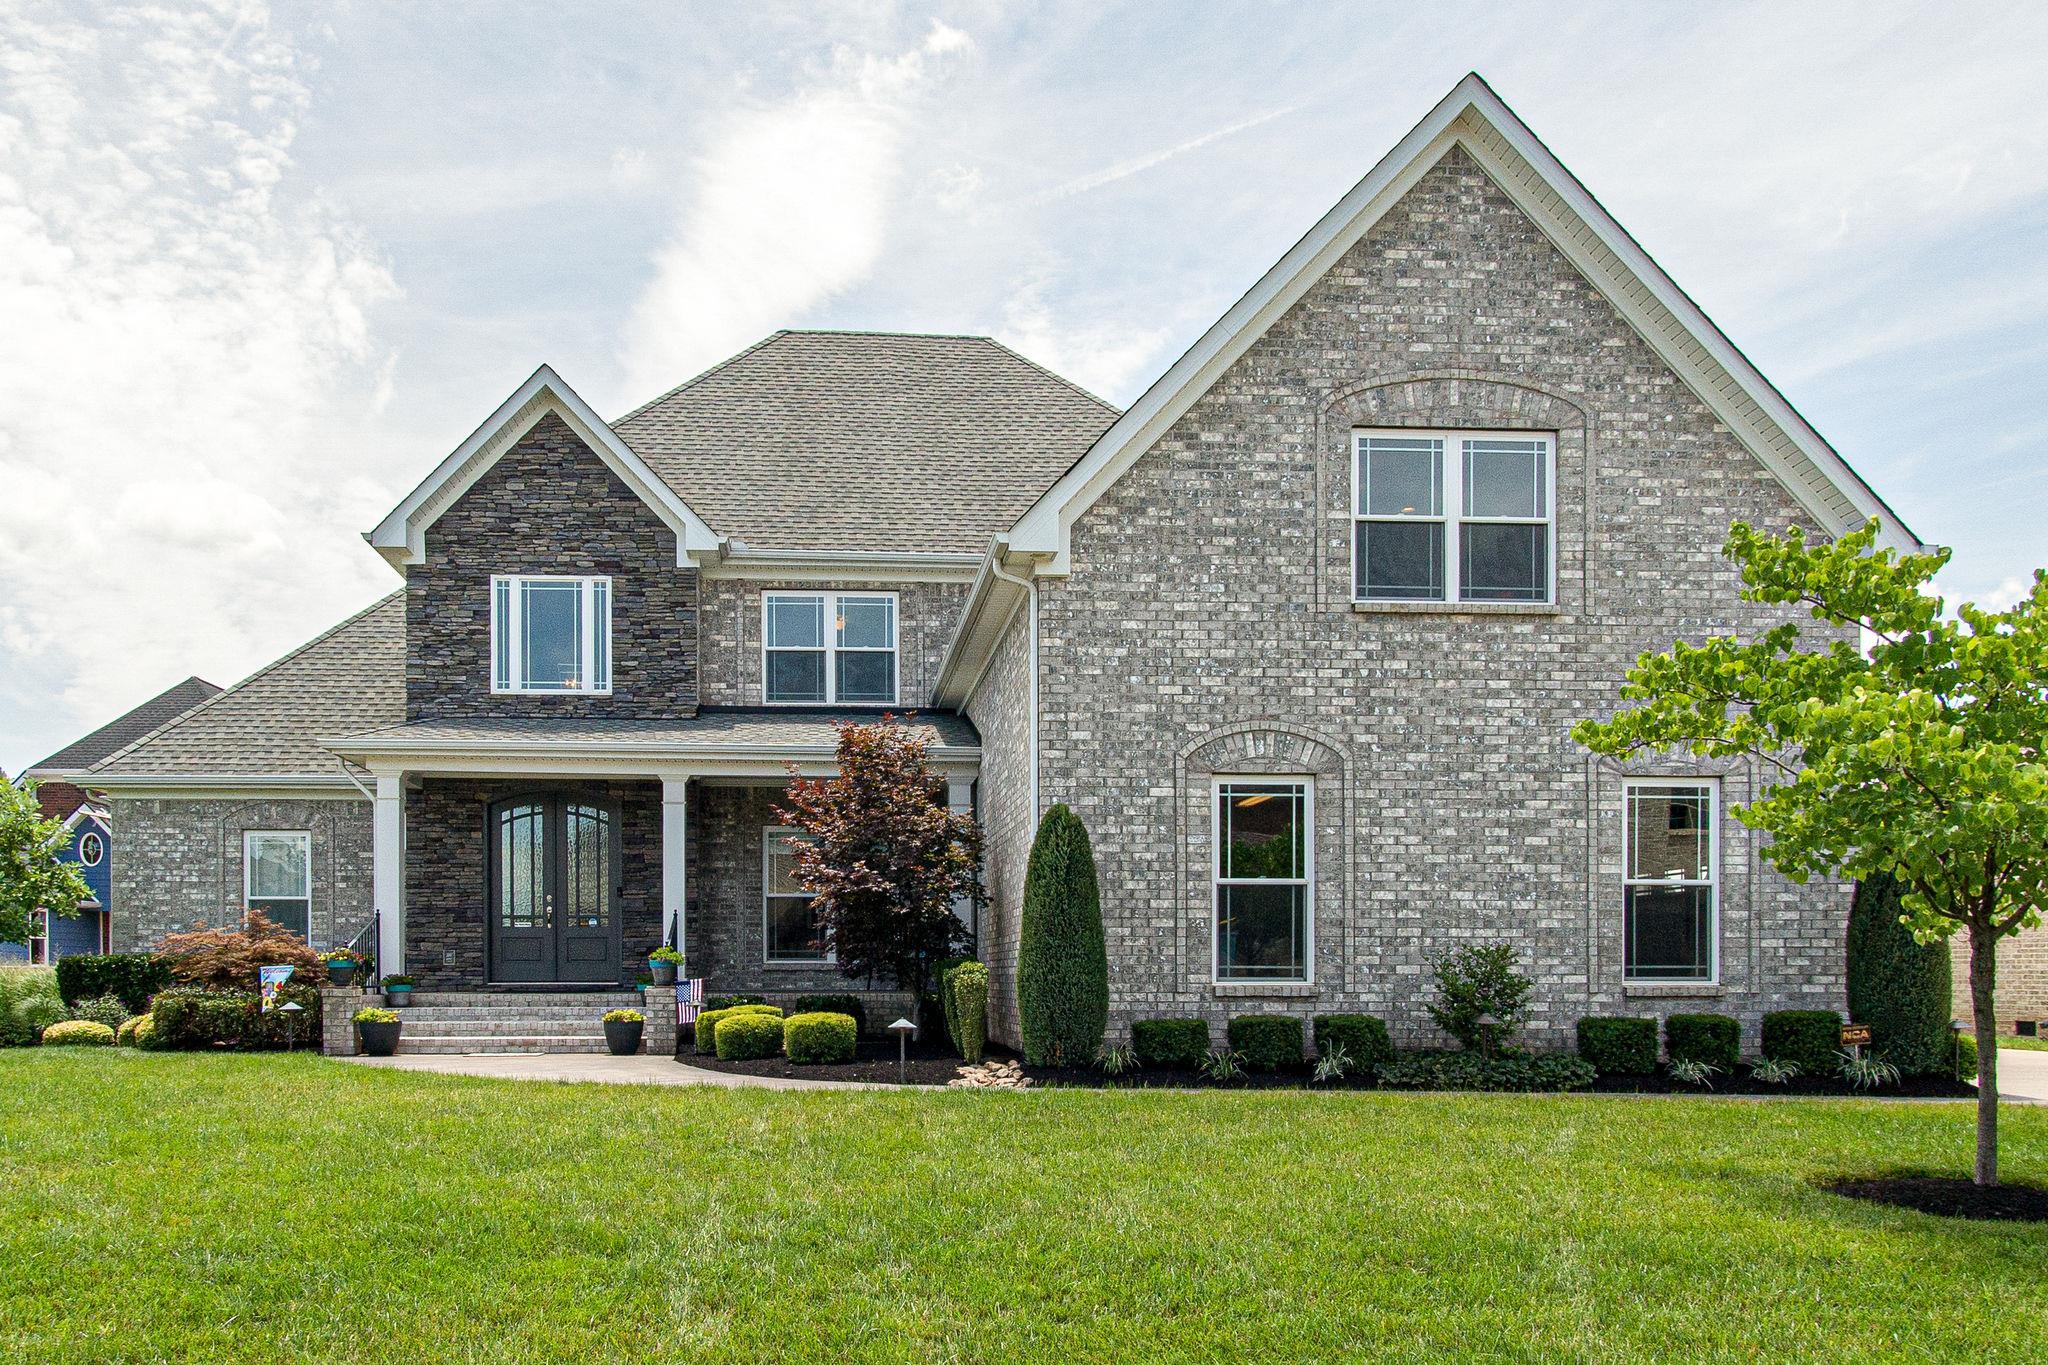 4413 Pretoria Run, Murfreesboro, TN 37128 - Murfreesboro, TN real estate listing